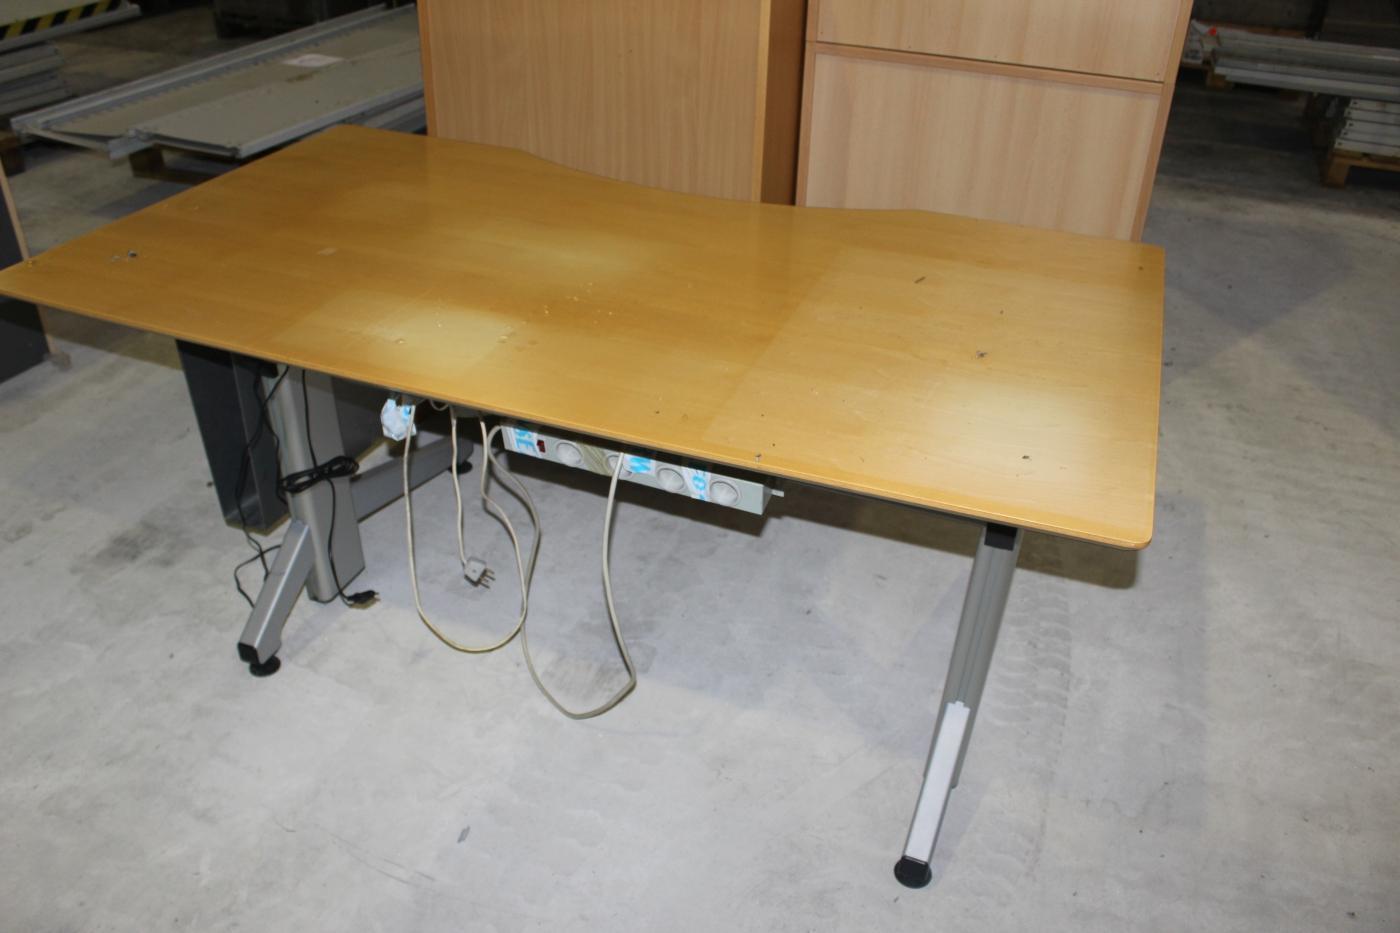 Jalousien Kontor diverse kontor skabe jalousi el hæve sænke skrivebord kj